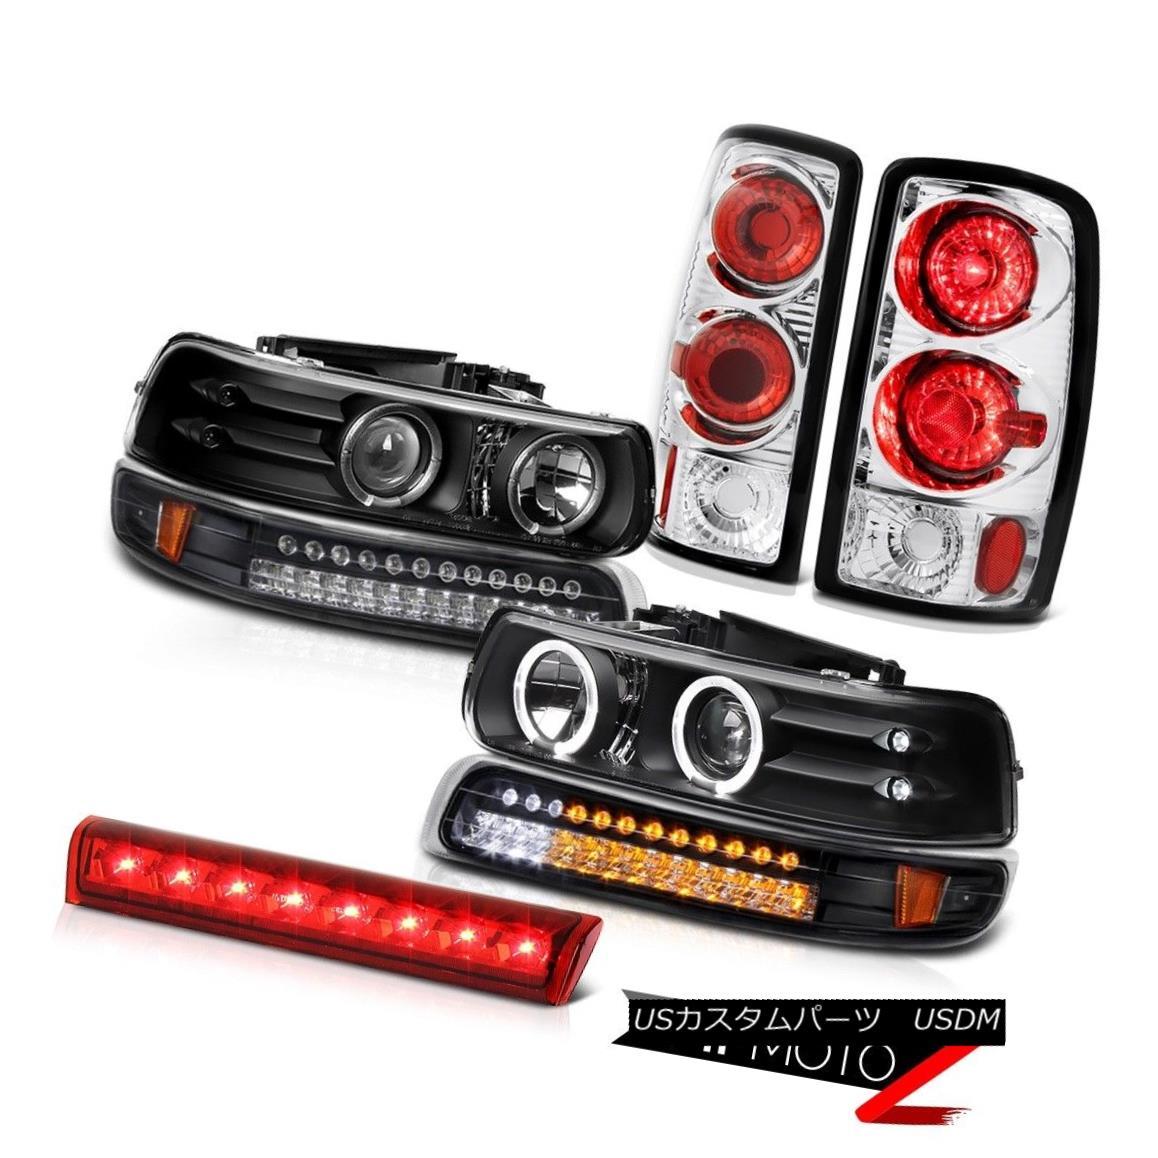 ヘッドライト Halo Headlights LED Black Bumper Taillights 3rd Brake Cargo 00-06 Suburban 5.7L HaloヘッドライトLEDブラックバンパーテールライト3rdブレーキカーゴ00-06郊外5.7L